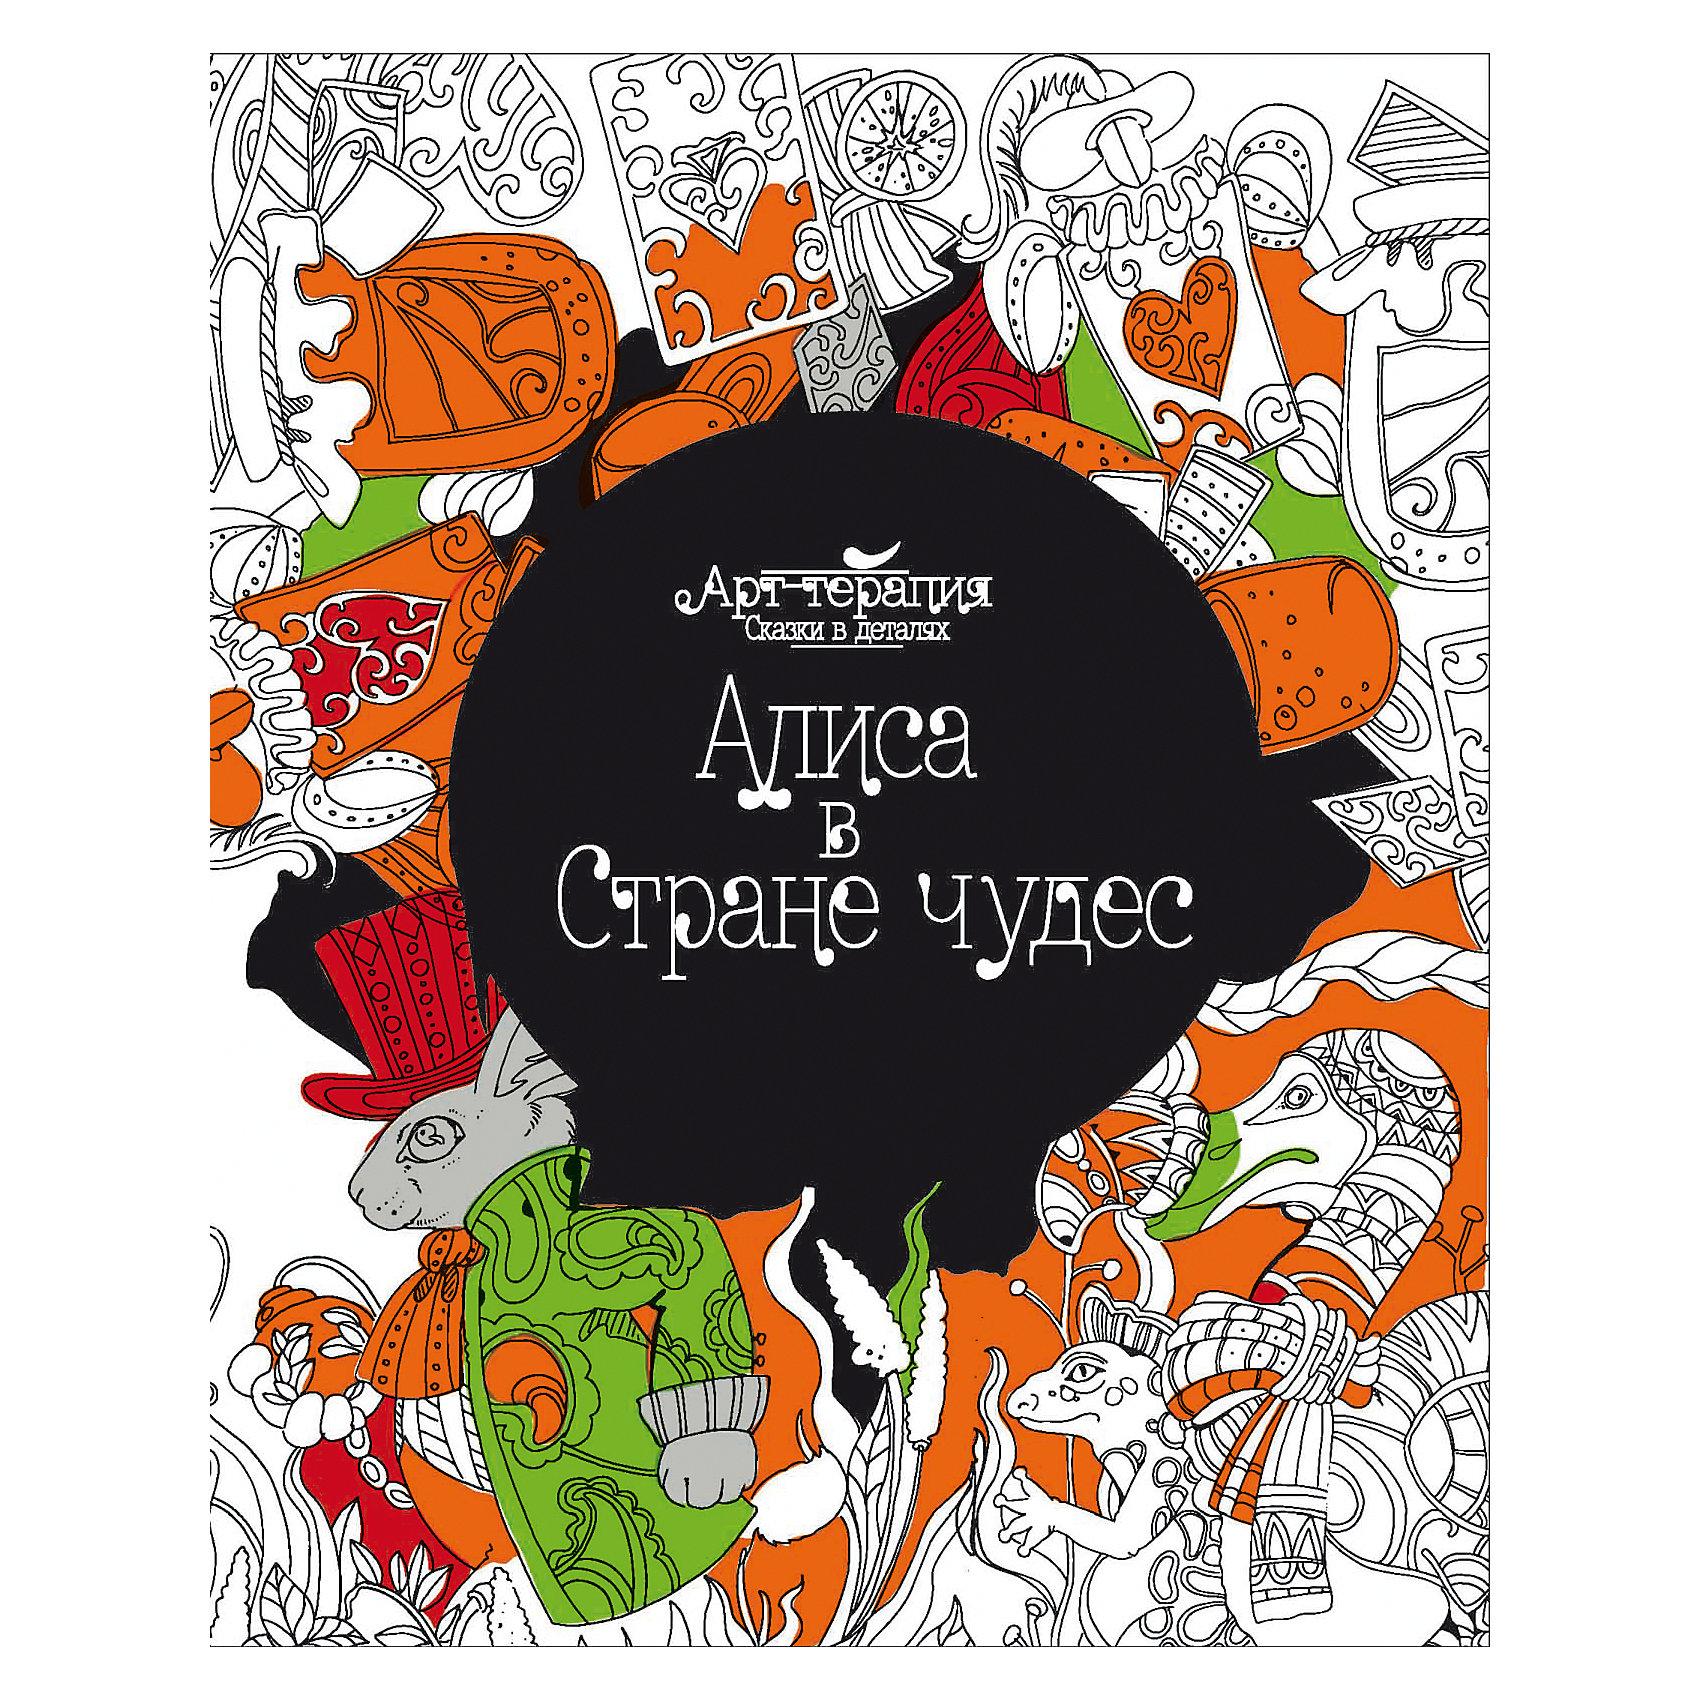 Алиса в Стране чудесРазвивающие книги<br>Книга Алиса в Стране чудес<br><br>Характеристики: <br><br>• Кол-во страниц: 16<br>• ISBN: 9785222269435<br>• Возраст: от 6 лет<br>• Обложка: мягкая глянцевая<br>• Формат: а4<br><br>На страницах этой книги собрано множество иллюстраций для известной детской сказки, в раскрашивании которых ваш ребенок может поучаствовать самолично. Каждая иллюстрация обладает высокой степенью проработки и детализации, а потому данная раскраска будет интересна не только для детей, но и для взрослых! <br><br>Книга Алиса в Стране чудес можно купить в нашем интернет-магазине.<br><br>Ширина мм: 259<br>Глубина мм: 200<br>Высота мм: 20<br>Вес г: 63<br>Возраст от месяцев: -2147483648<br>Возраст до месяцев: 2147483647<br>Пол: Унисекс<br>Возраст: Детский<br>SKU: 5464477